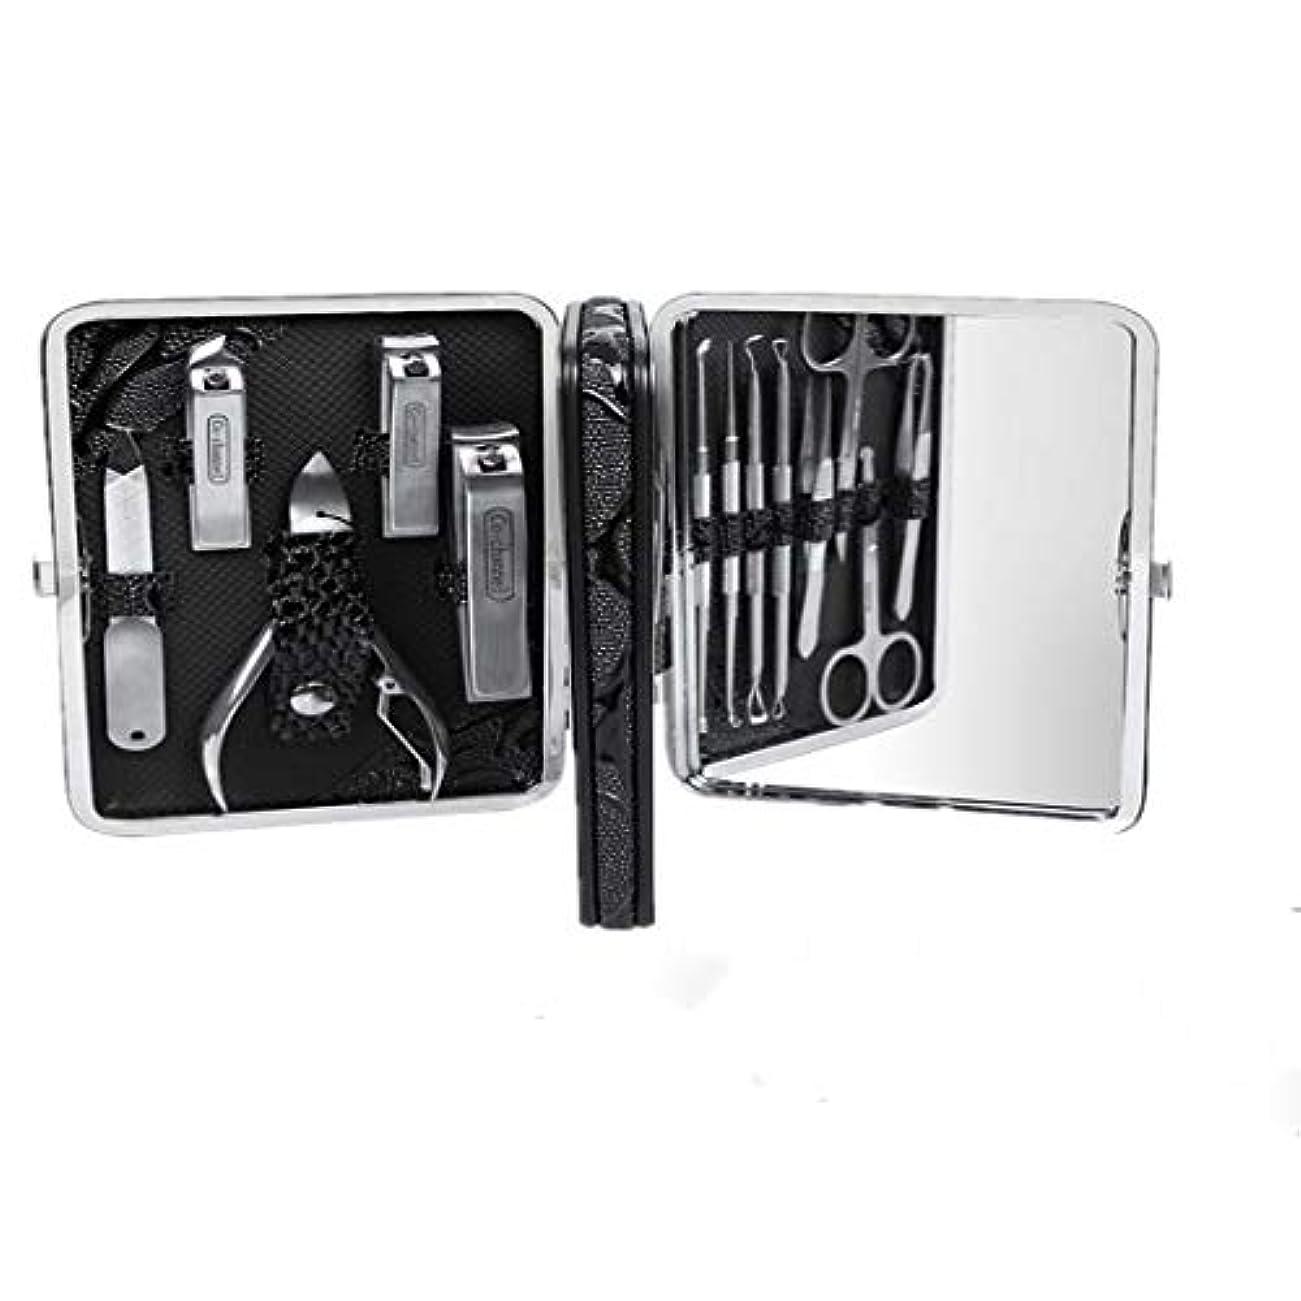 ヨーグルトフェミニンリードKainuoo ネイルツールイーグルマウスペンチペディキュアツール、ネイルギフトミラーステンレススチールネイルツールセット、ネイルセット21個、1袋 (Color : Bright black)